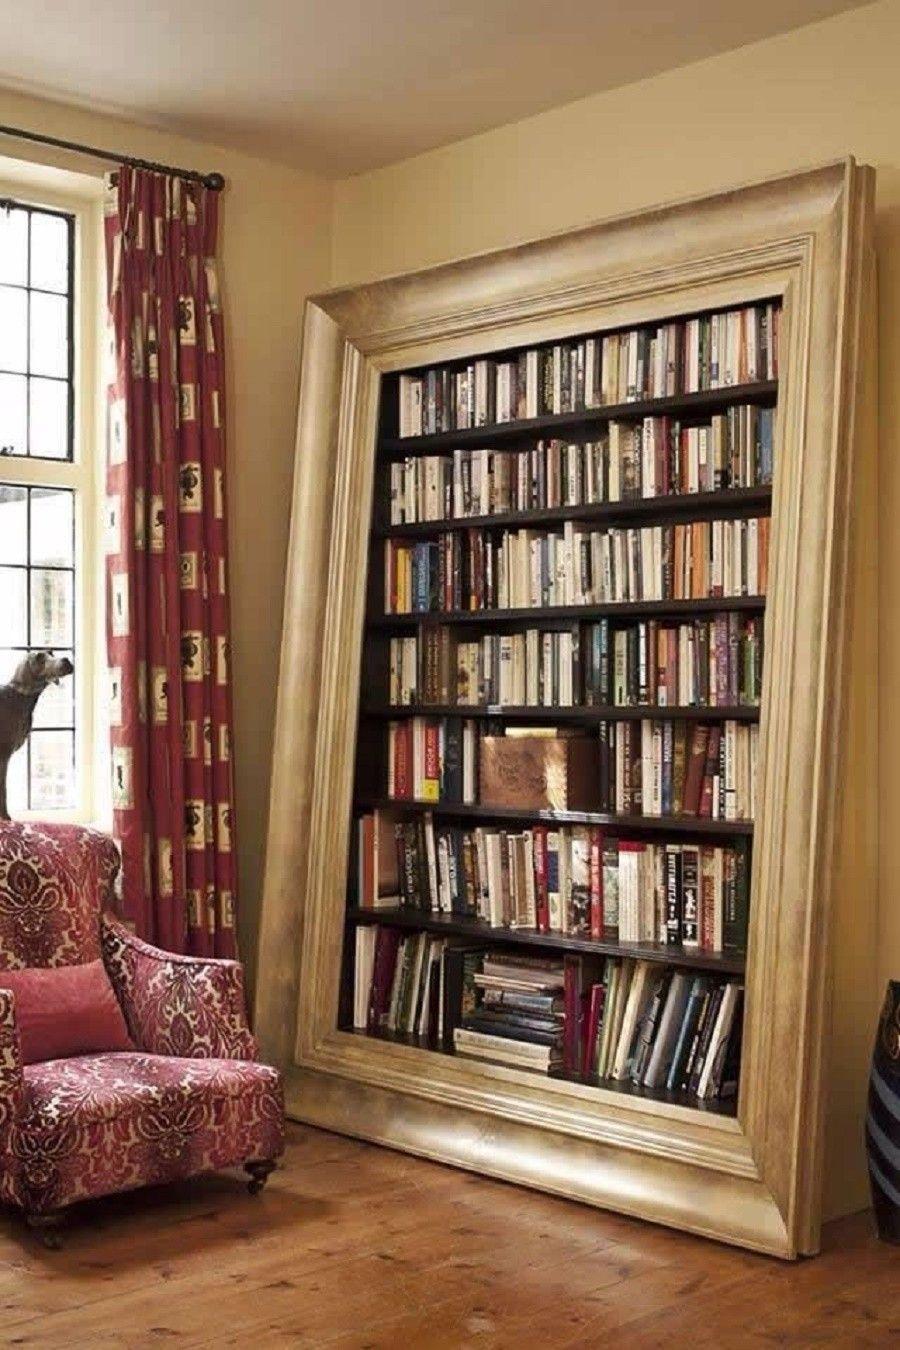 10 librerie dal design originale per arredare casa bigodino for Arredare libreria